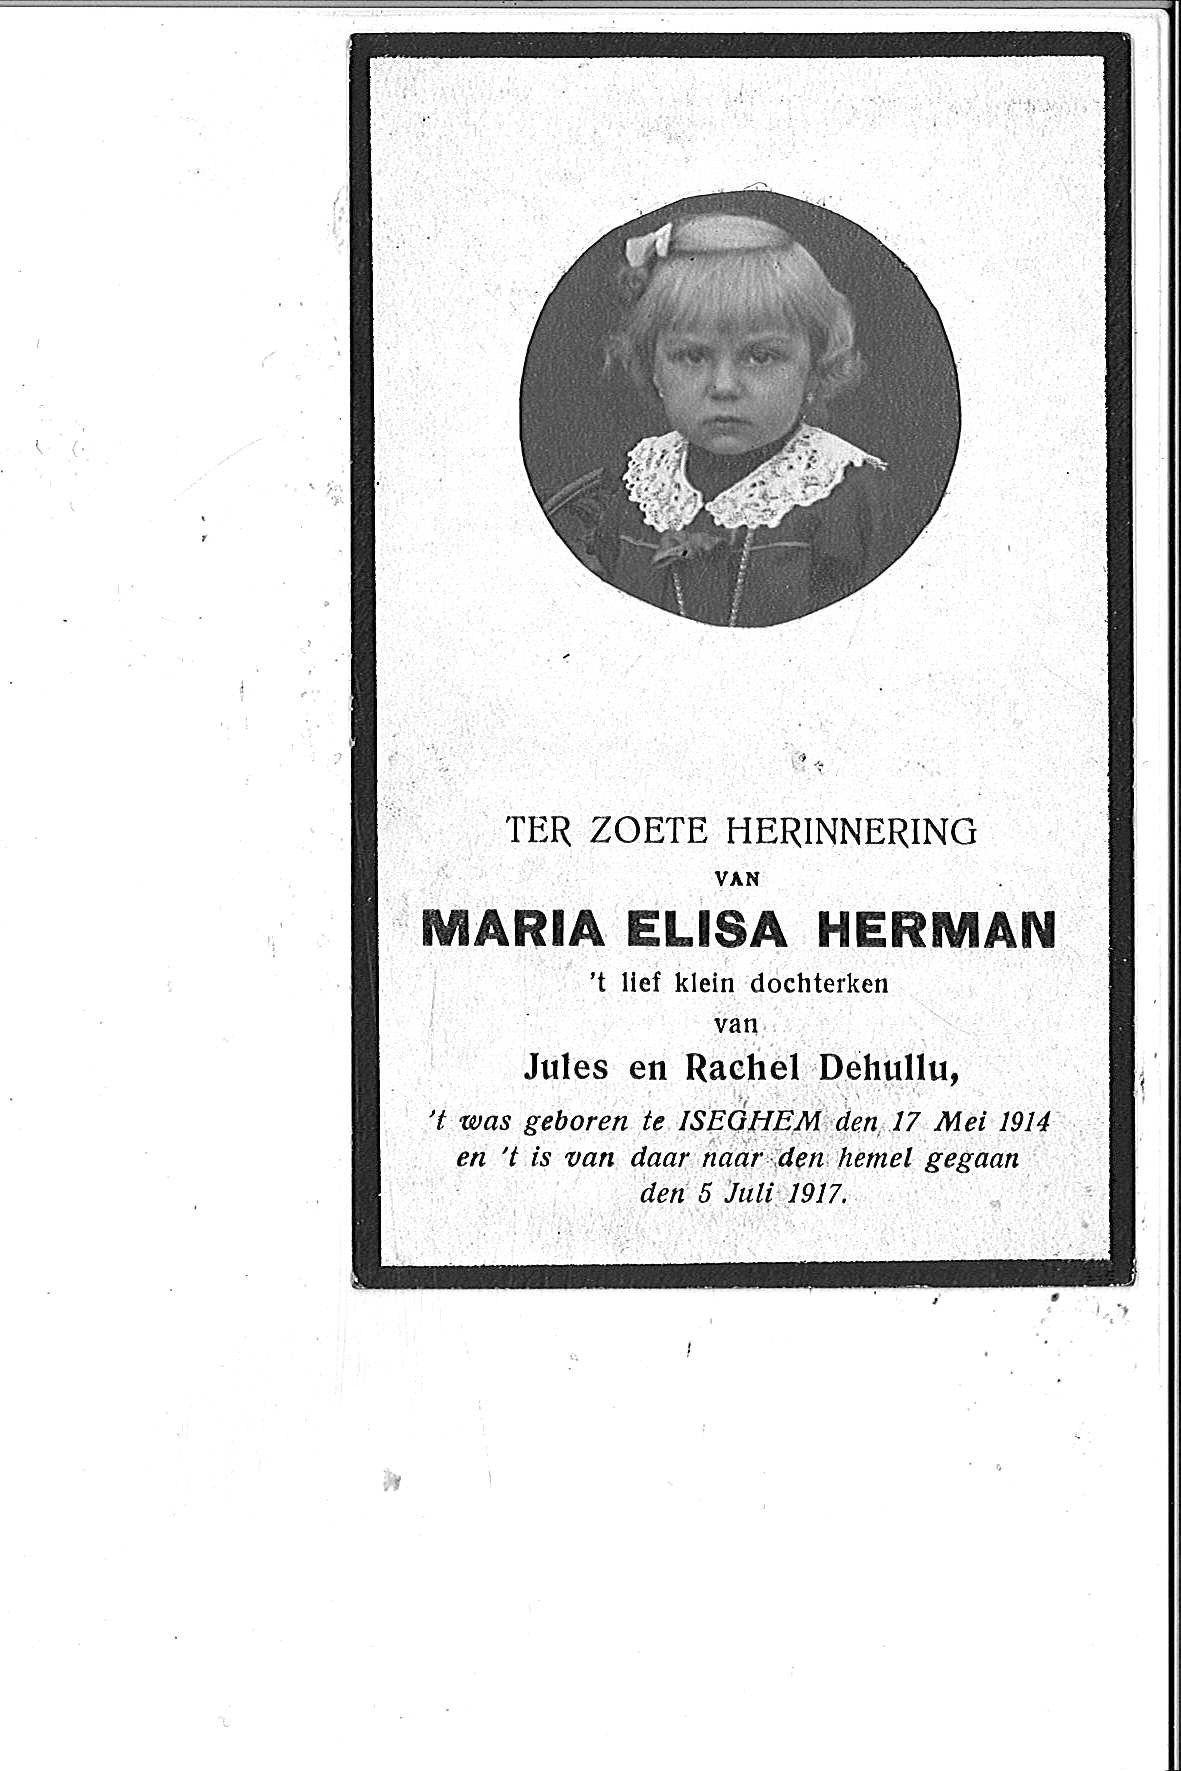 Maria-Elisa(1917)20150309160446_00009.jpg